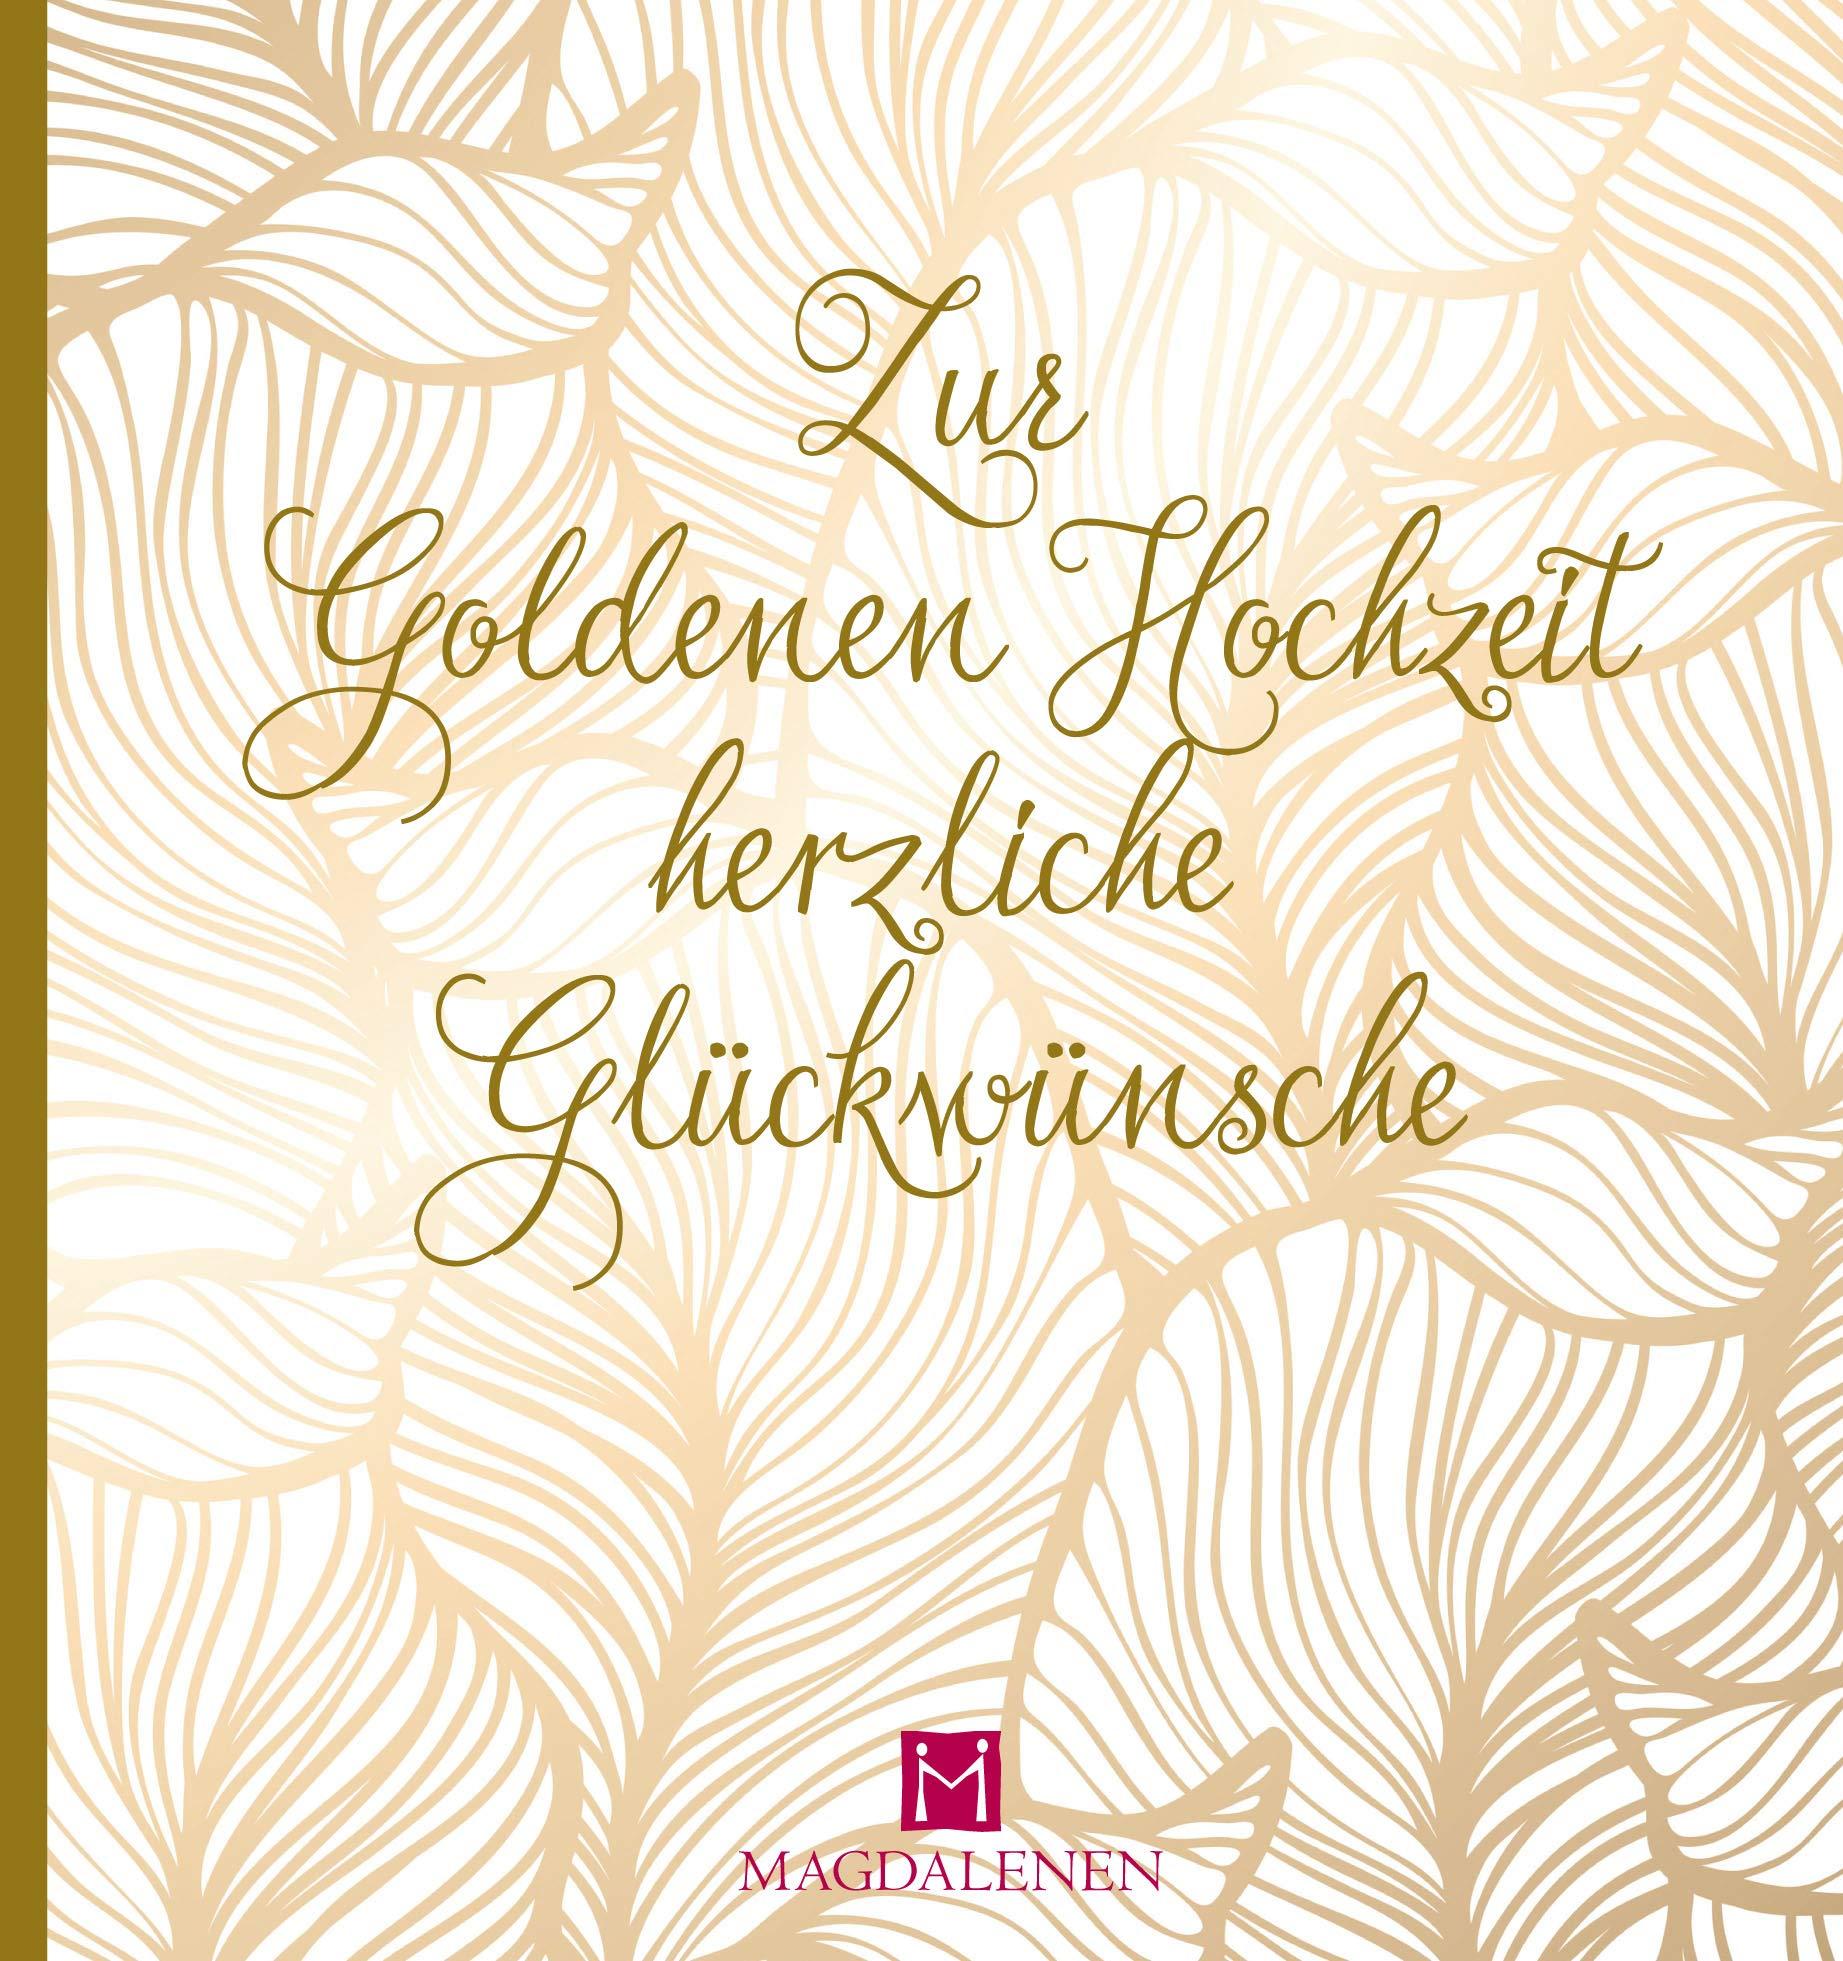 Gratulieren zum goldene hochzeit